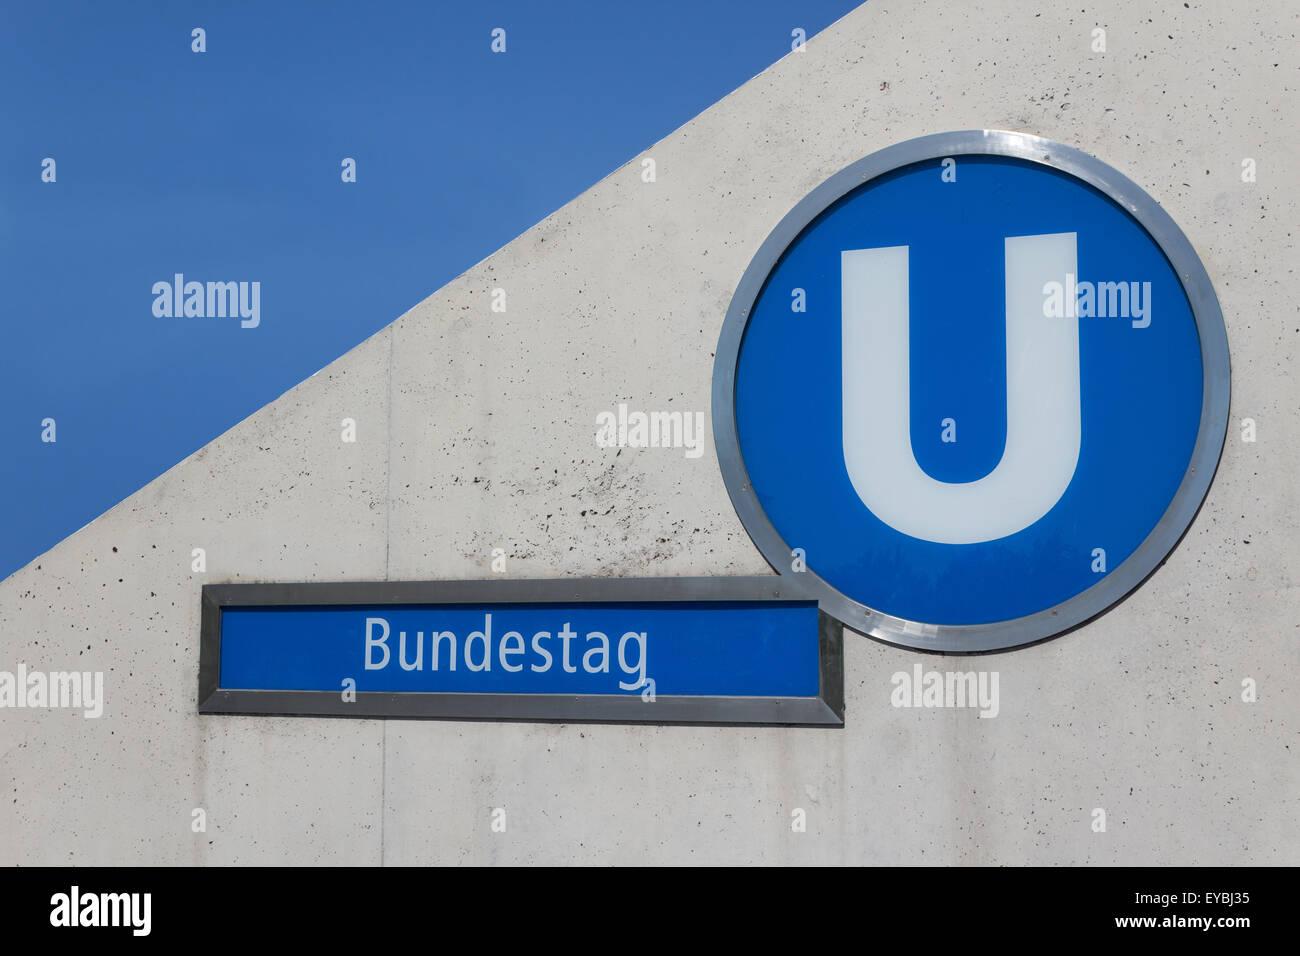 Bundestag - Bahnhof in der Nähe von Bundeskanzleramt, Reichstag Stockbild